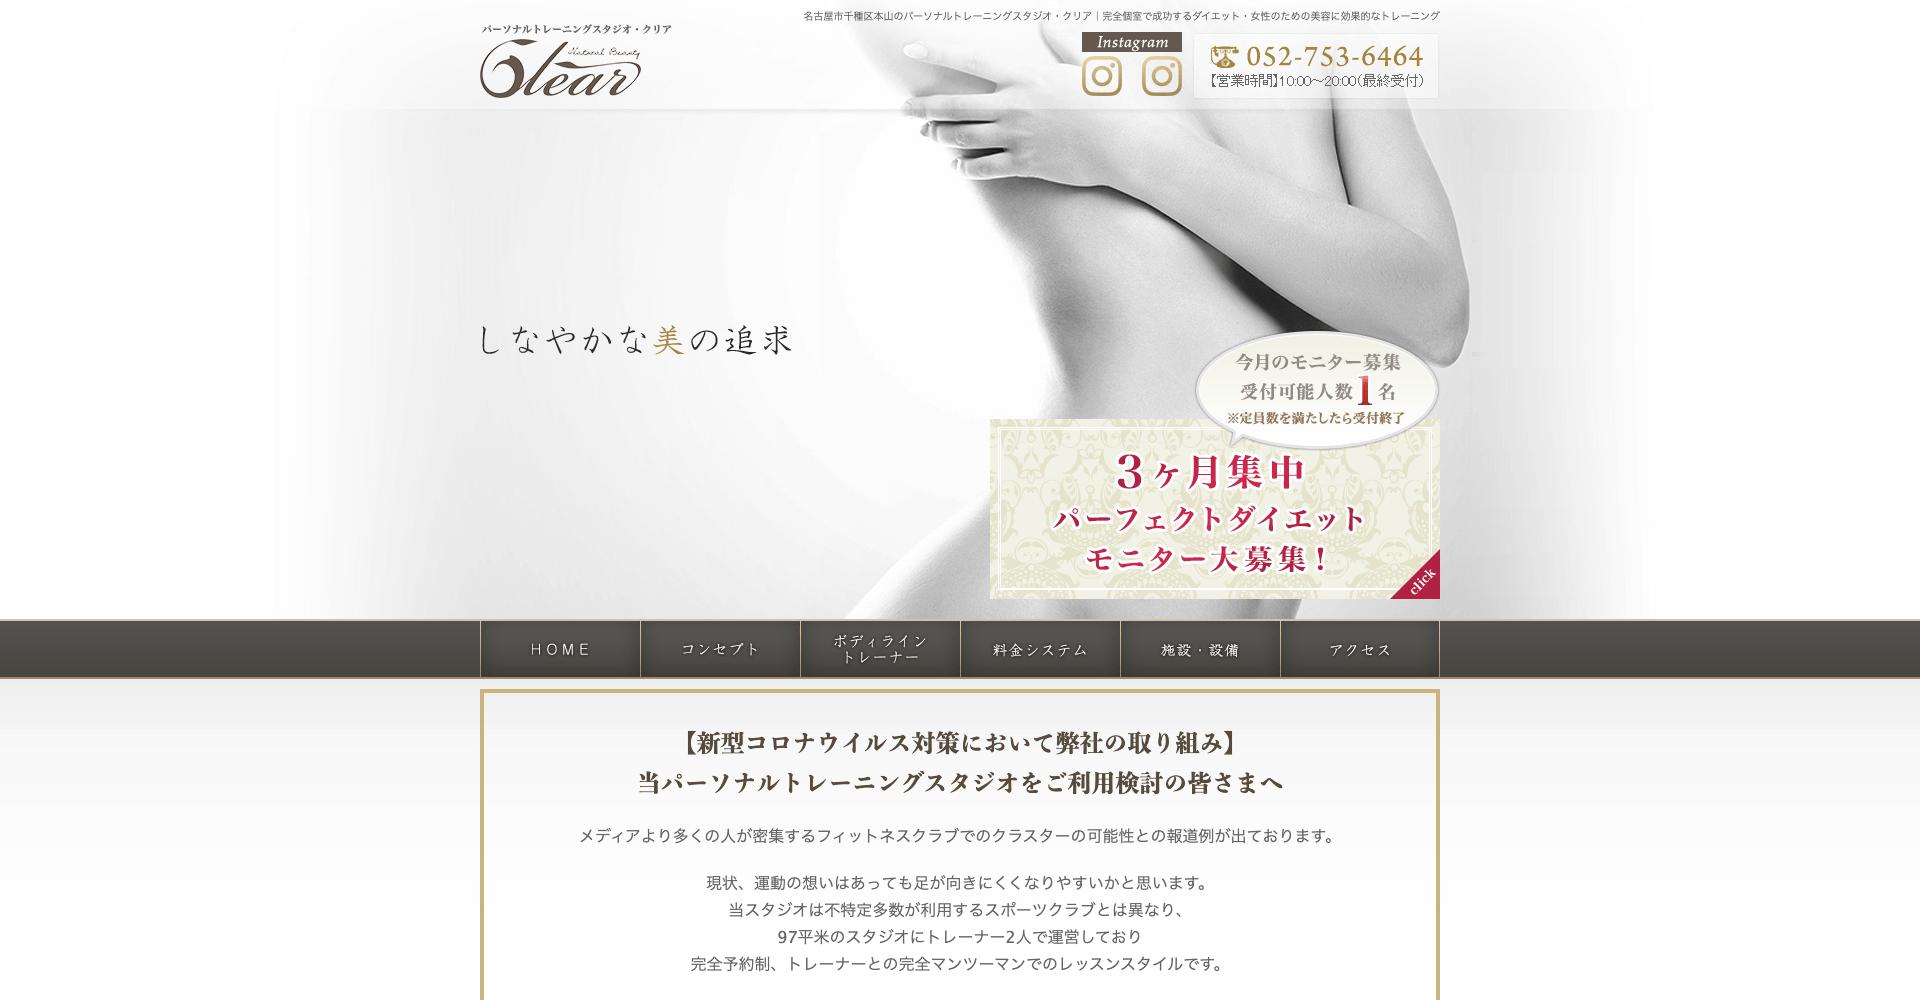 パーソナルトレーニングスタジオ・Clear